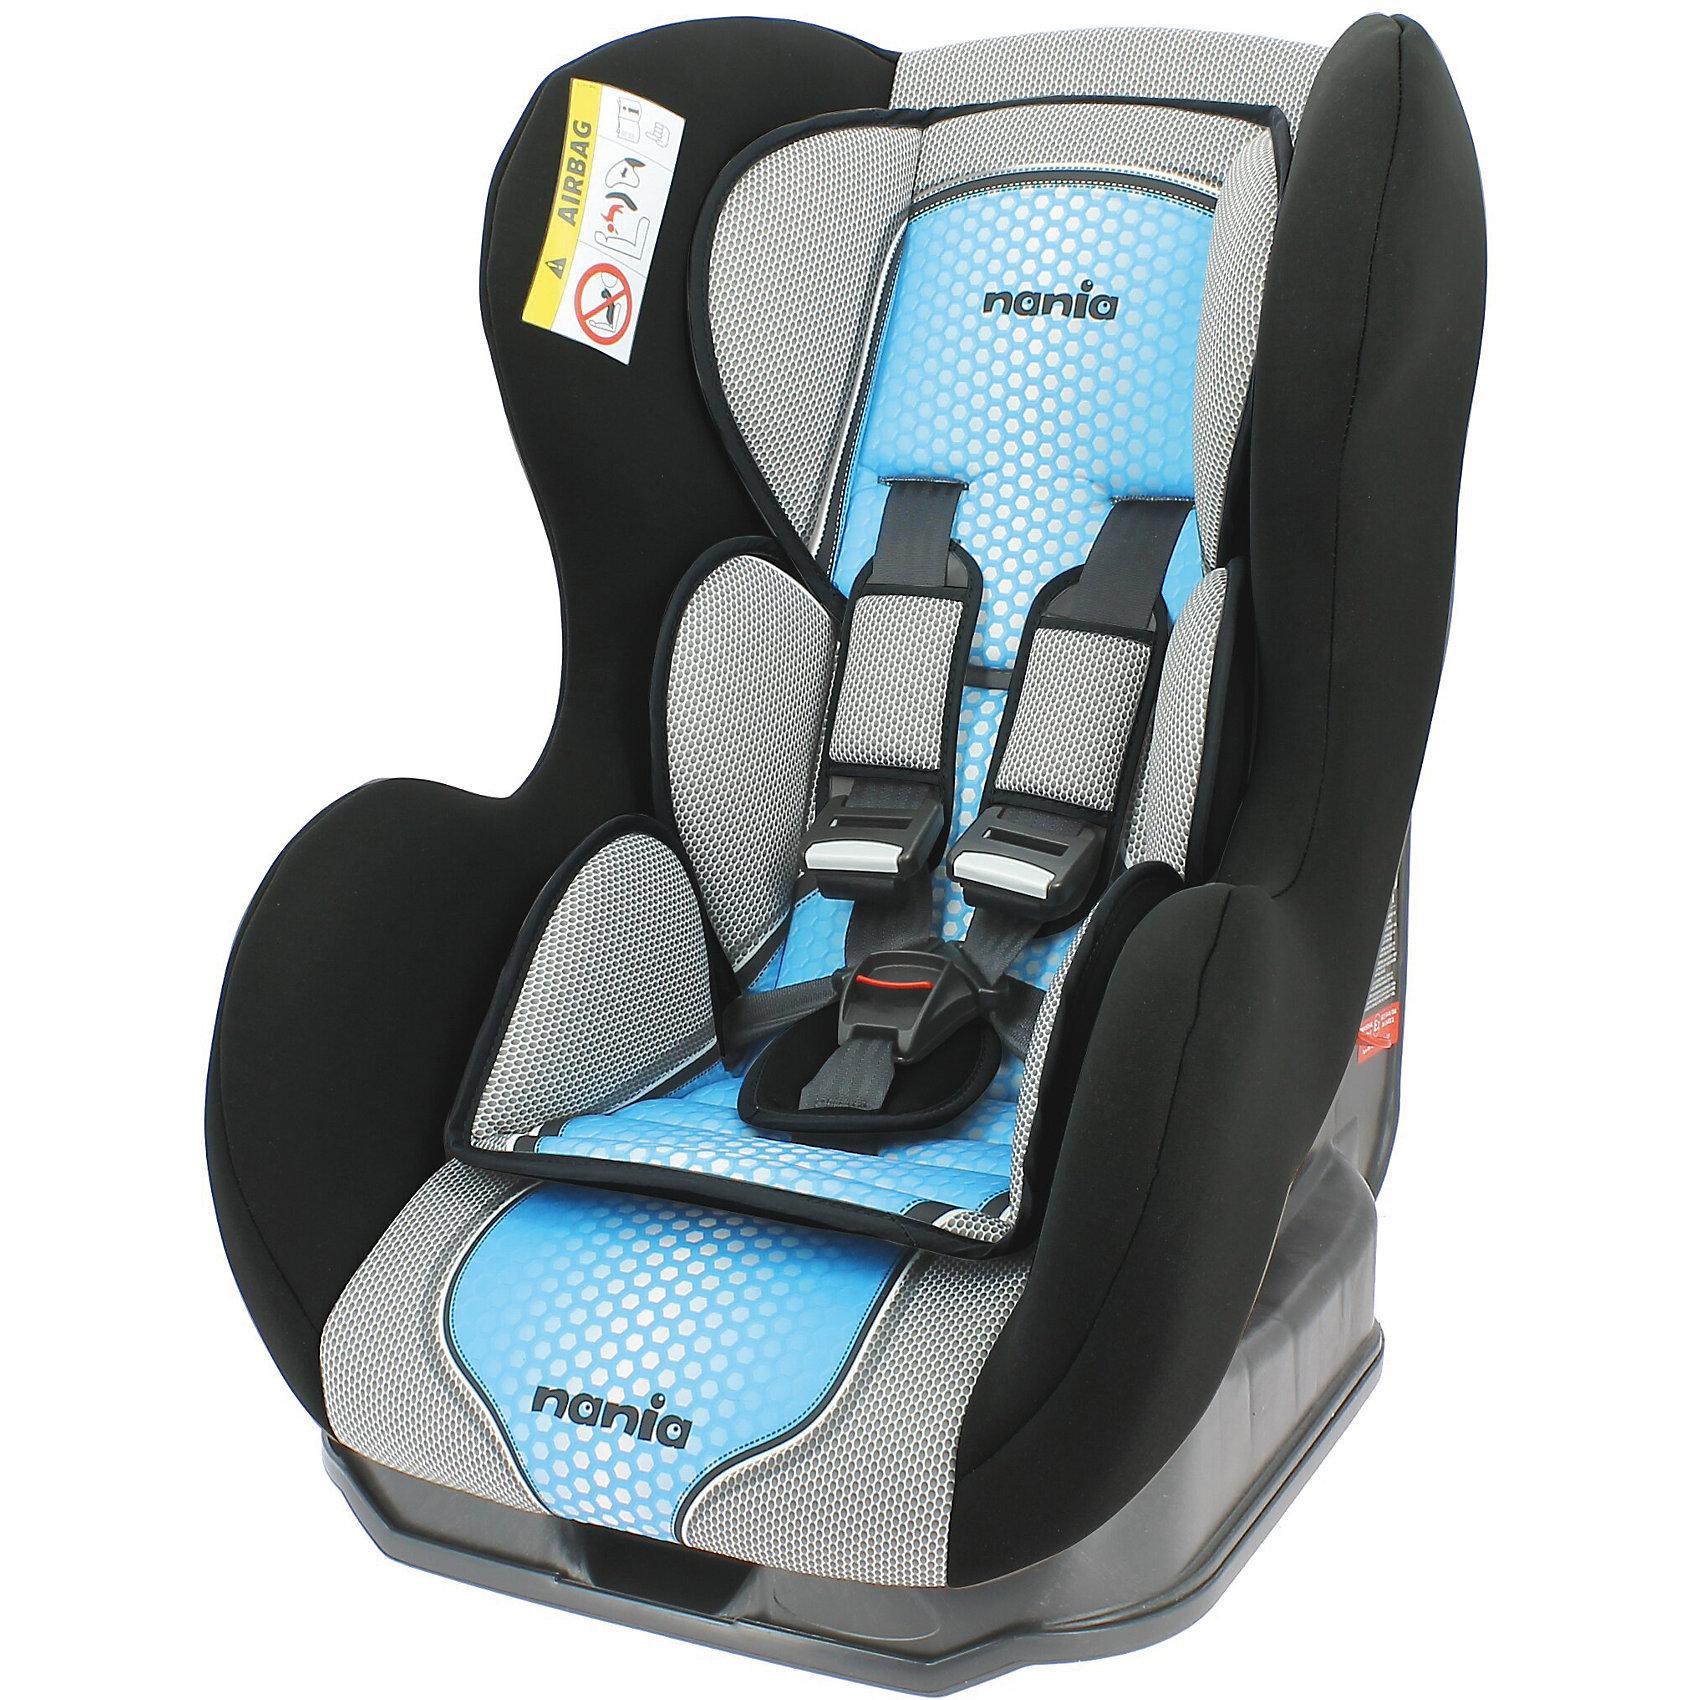 Автокресло Nania Cosmo SP FST 0-18 кг, pop blueГруппа 0+, 1 (До 18 кг)<br>Характеристики Nania Cosmo SP FST:<br><br>• группа 0+/1;<br>• вес ребенка: до 18 кг;<br>• возраст ребенка: от рождения до 4-х лет;<br>• способ установки: против хода (до 9 кг) и по ходу движения автомобиля (9-18кг);<br>• способ крепления: штатными ремнями безопасности автомобиля;<br>• 5-ти точечные ремни безопасности с мягкими накладками;<br>• угол наклона спинки регулируется: 3 положения;<br>• анатомический вкладыш для новорожденного, подголовник;<br>• дополнительная защита от боковых ударов, система SP (side protection);<br>• съемные чехлы, стирка при температуре 30 градусов;<br>• материал: пластик, полиэстер;<br>• стандарт безопасности: ЕСЕ R44/03.<br><br>Размер автокресла: 54х45х61 см<br>Размер сиденья: 33х31 см<br>Высота спинки: 55 см<br>Вес автокресла: 5,7 кг<br><br>Автокресло Nania Cosmo SP FST устанавливается как по ходу движения, так и против хода движения автомобиля, как на заднем сиденье автомобиля, так и на переднем сиденье автомобиля (с условием отключения подушки безопасности). Регулируемая спинка дает возможность малышу занять удобное положение, как во время сна, так и во время бодрствования. Автокресло соответствует всем стандартам безопасности. <br><br>Автокресло Cosmo SP FST 0-18 кг., Nania, pop blue можно купить в нашем интернет-магазине.<br><br>Ширина мм: 660<br>Глубина мм: 455<br>Высота мм: 805<br>Вес г: 14910<br>Возраст от месяцев: 0<br>Возраст до месяцев: 48<br>Пол: Мужской<br>Возраст: Детский<br>SKU: 5287290